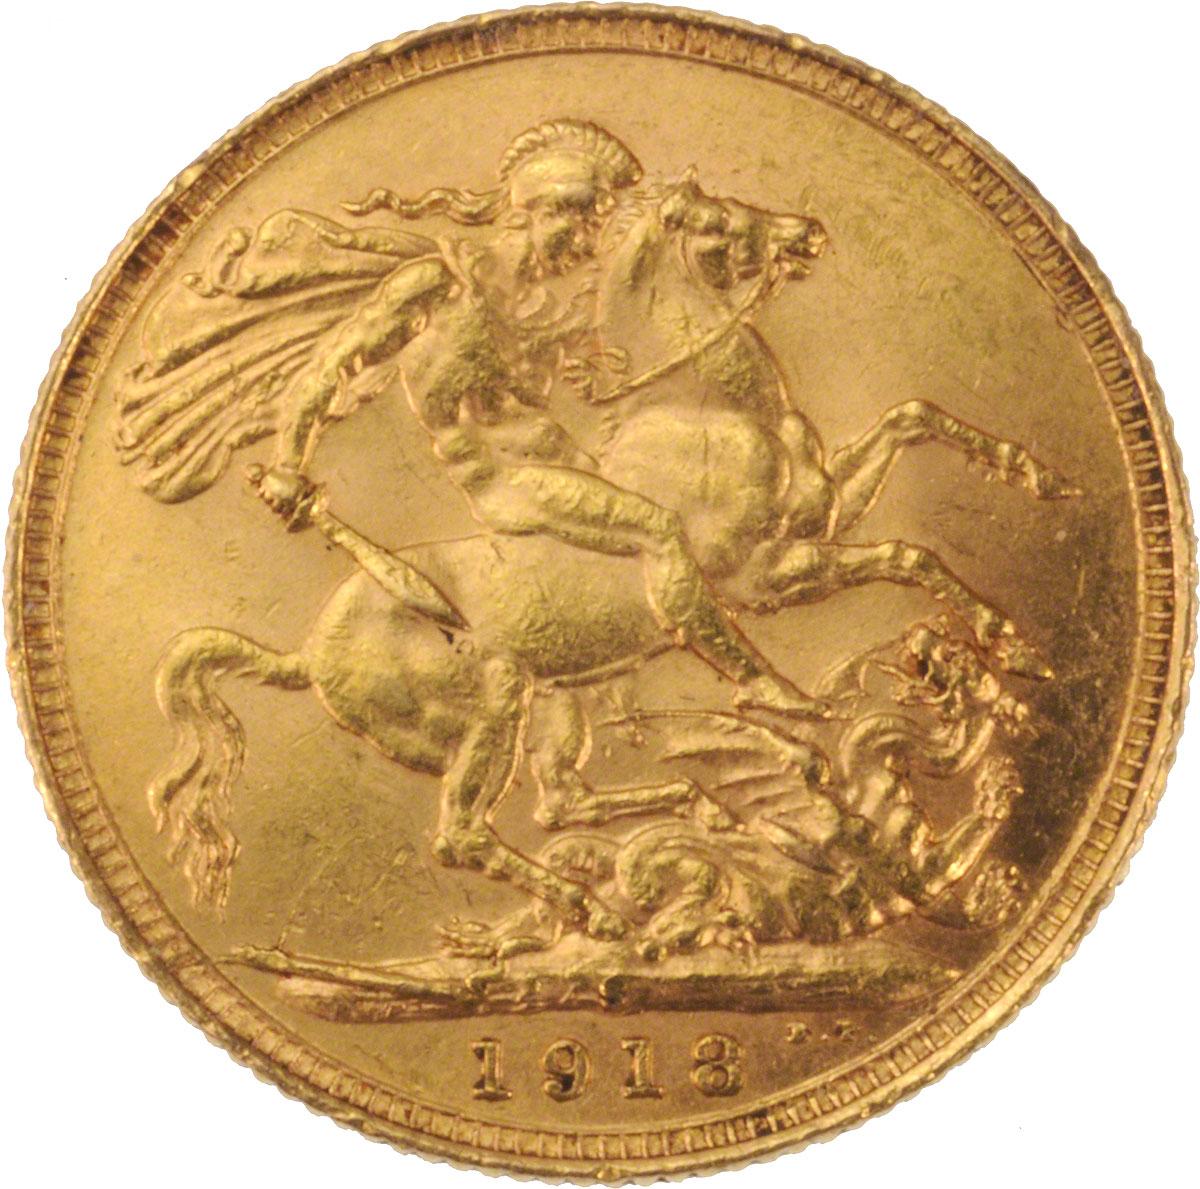 1918 Γεώργιος Ε' (Νομισματοκοπείο Σίδνεϊ)